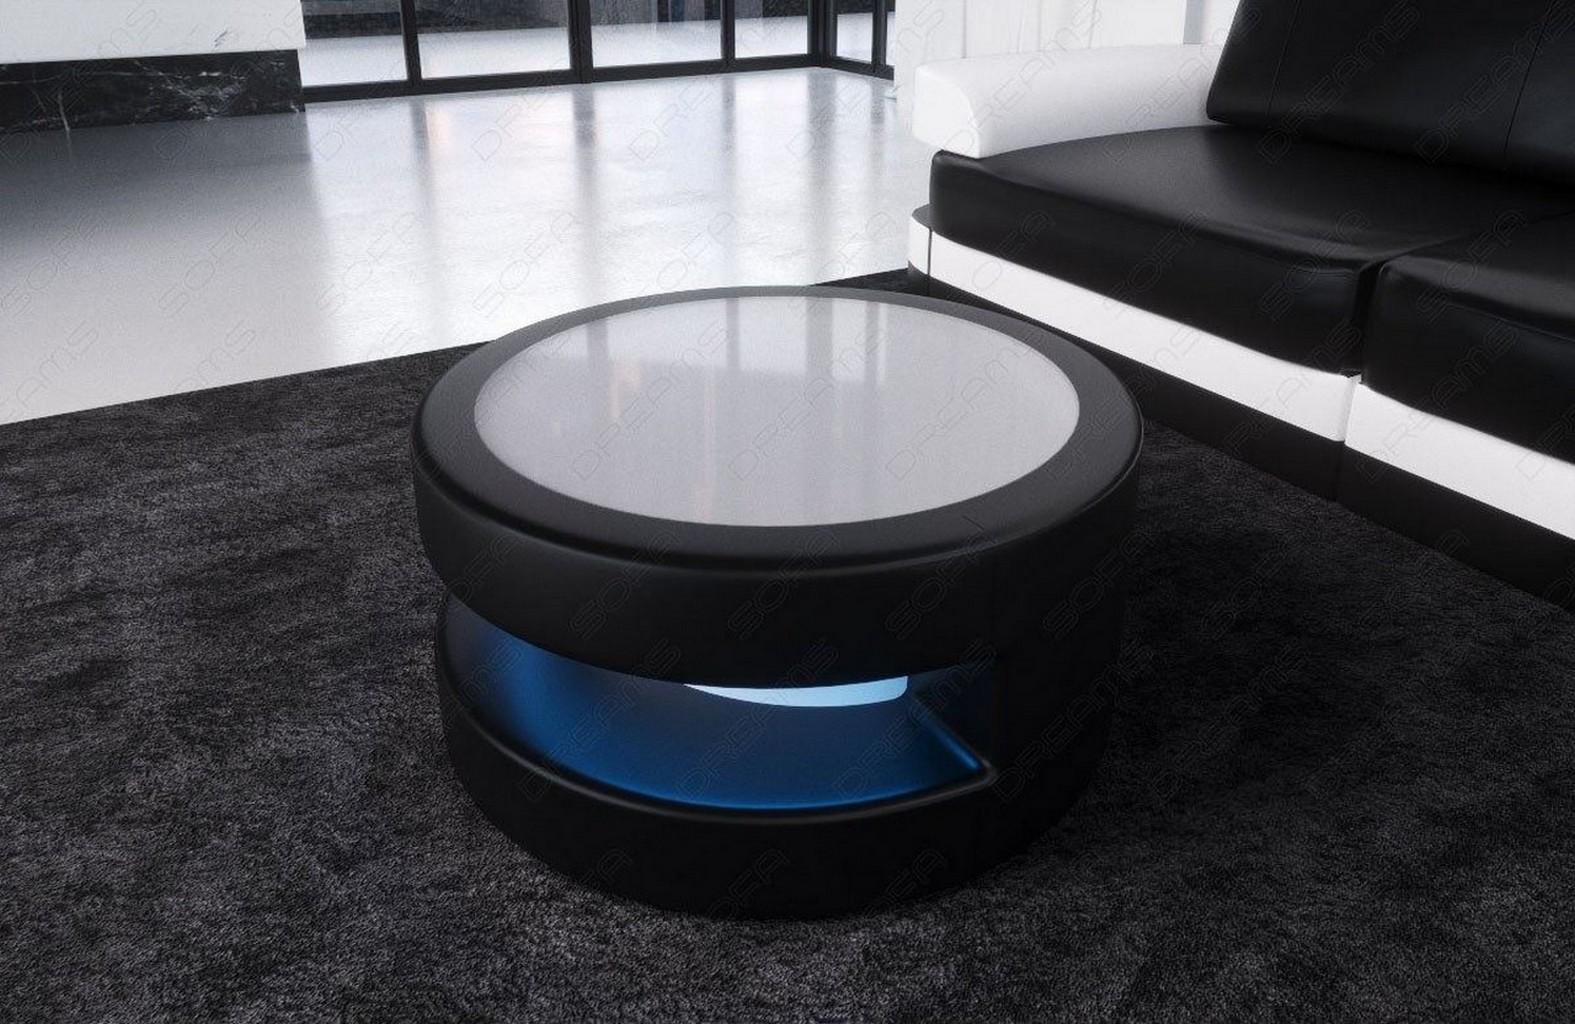 Runder couchtisch modena design wohnzimmertisch led for Wohnzimmertisch led